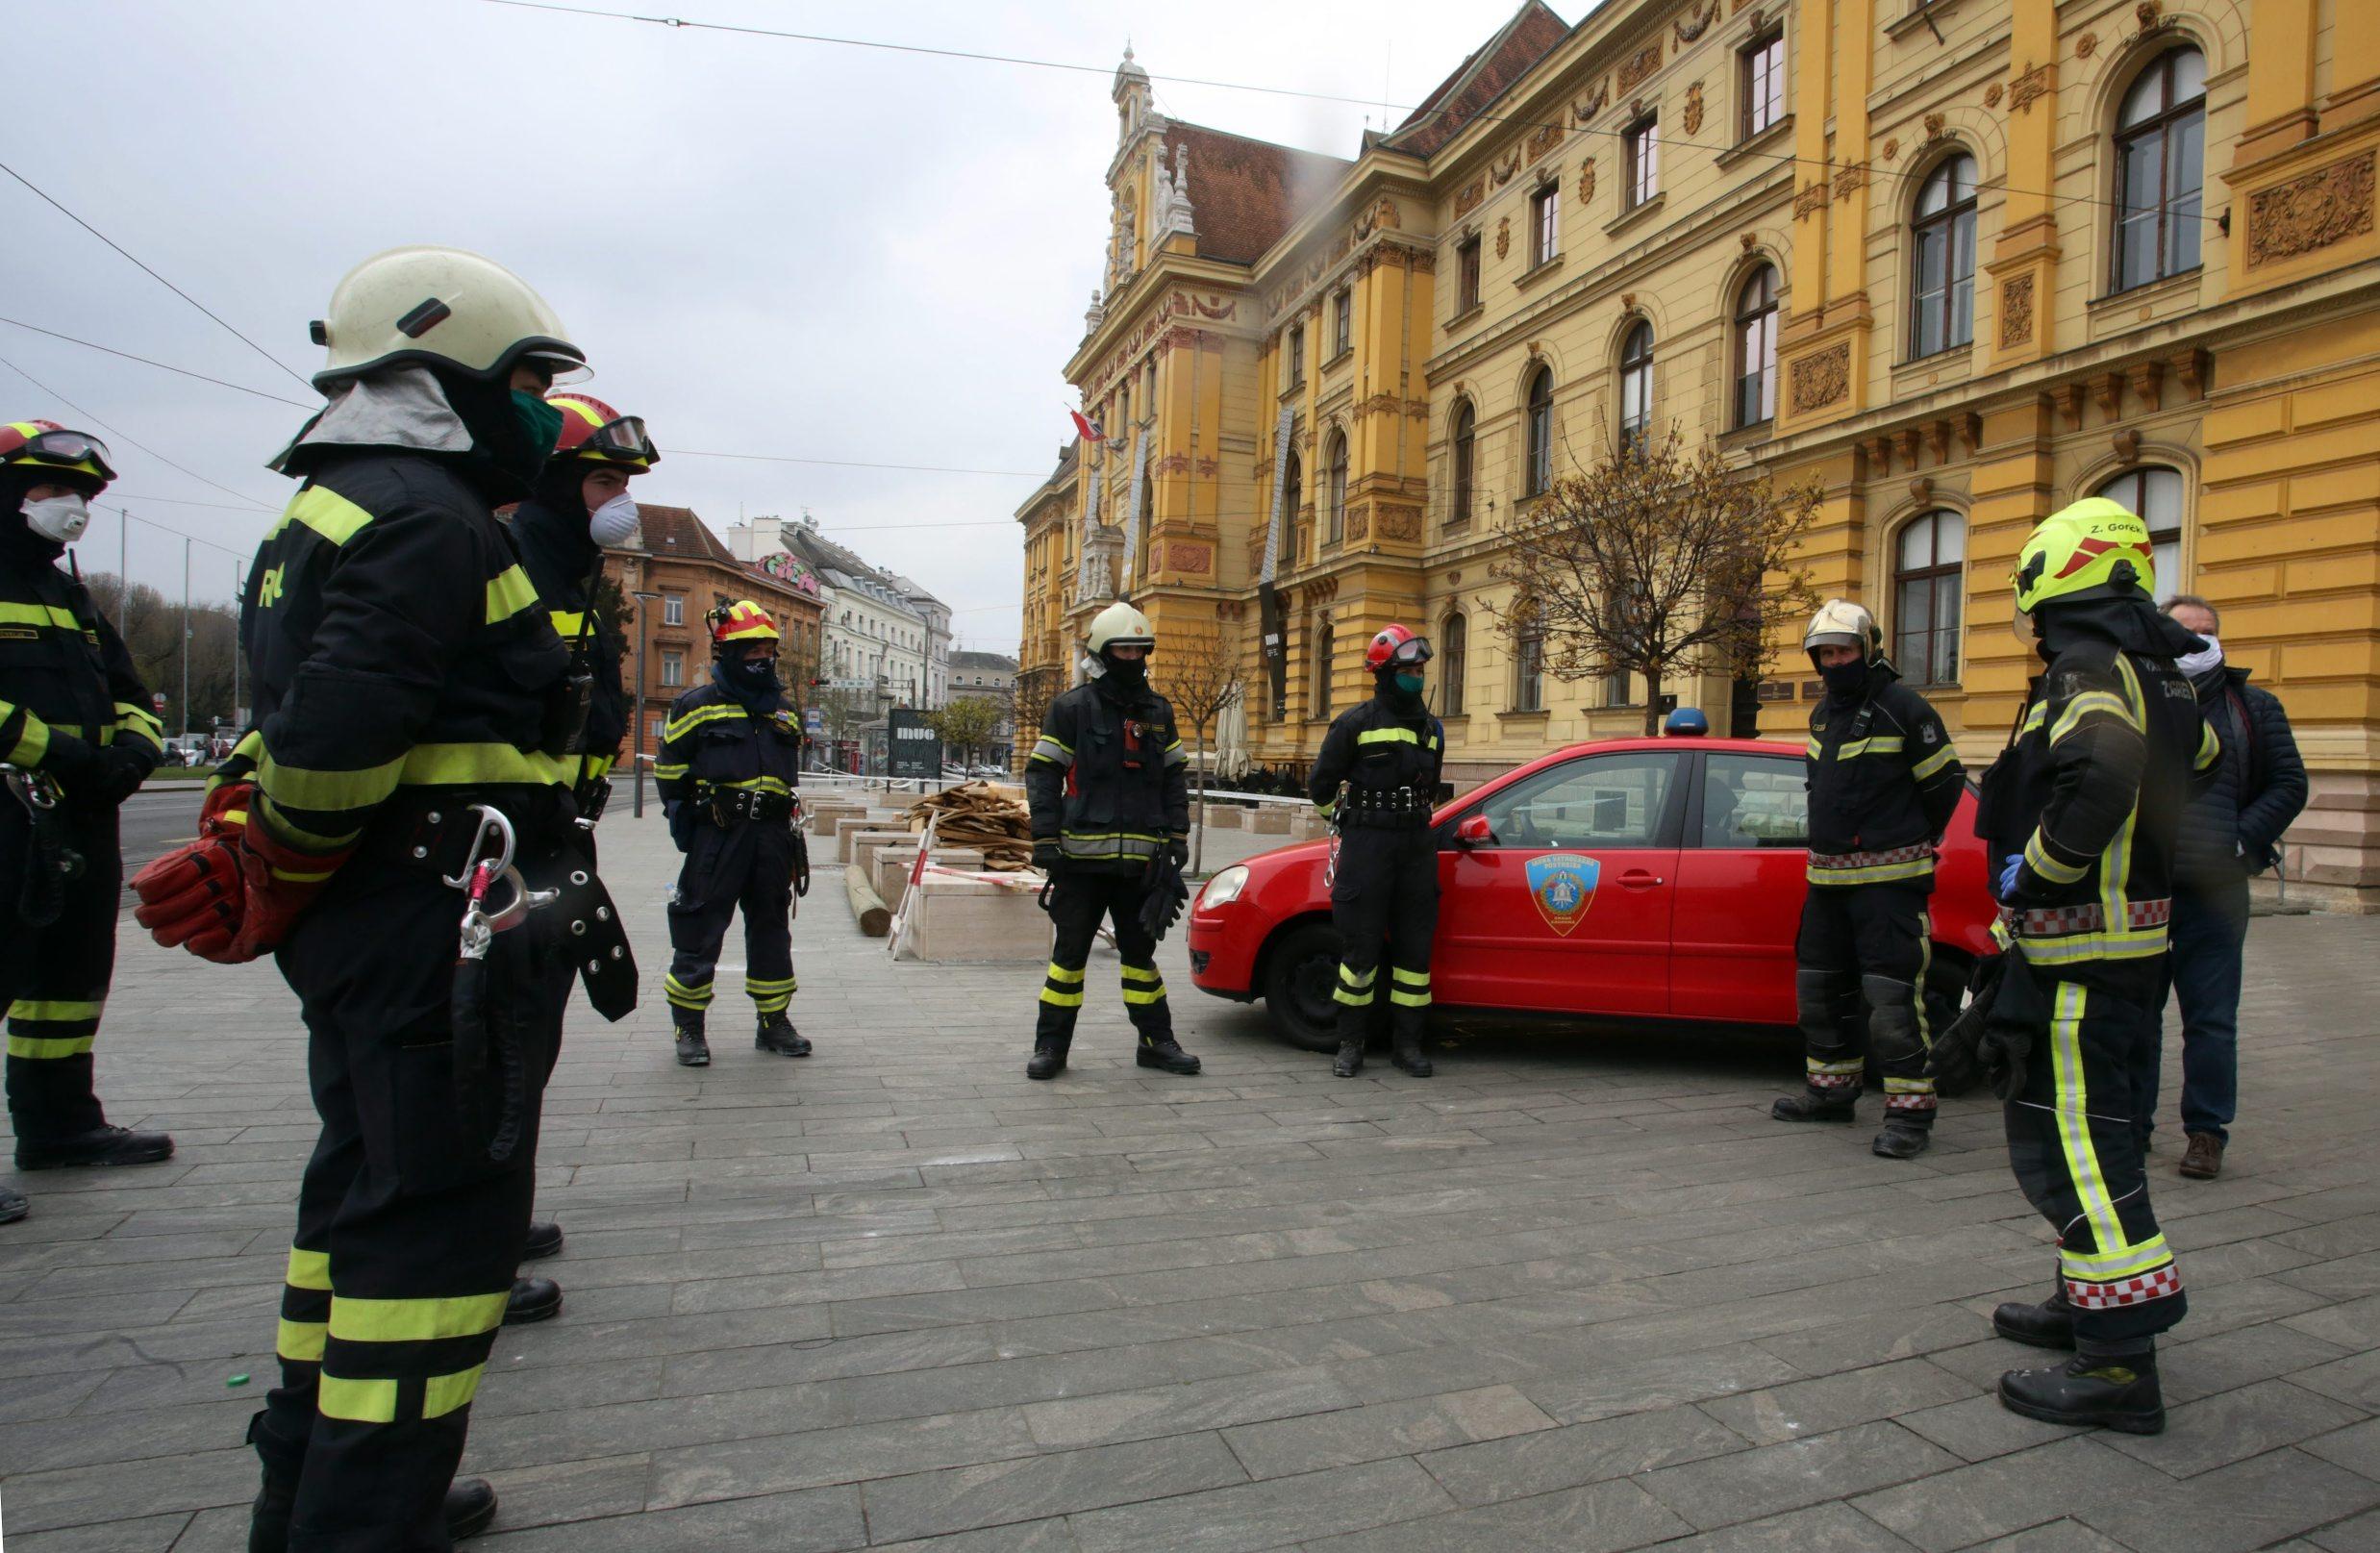 Zagreb, 240320. Muzej za umjetnost i obrt. Muzej je u potresu pretrpio veliku stetu. Vatrogasci ispred muzeja. Foto: Damjan Tadic / CROPIX